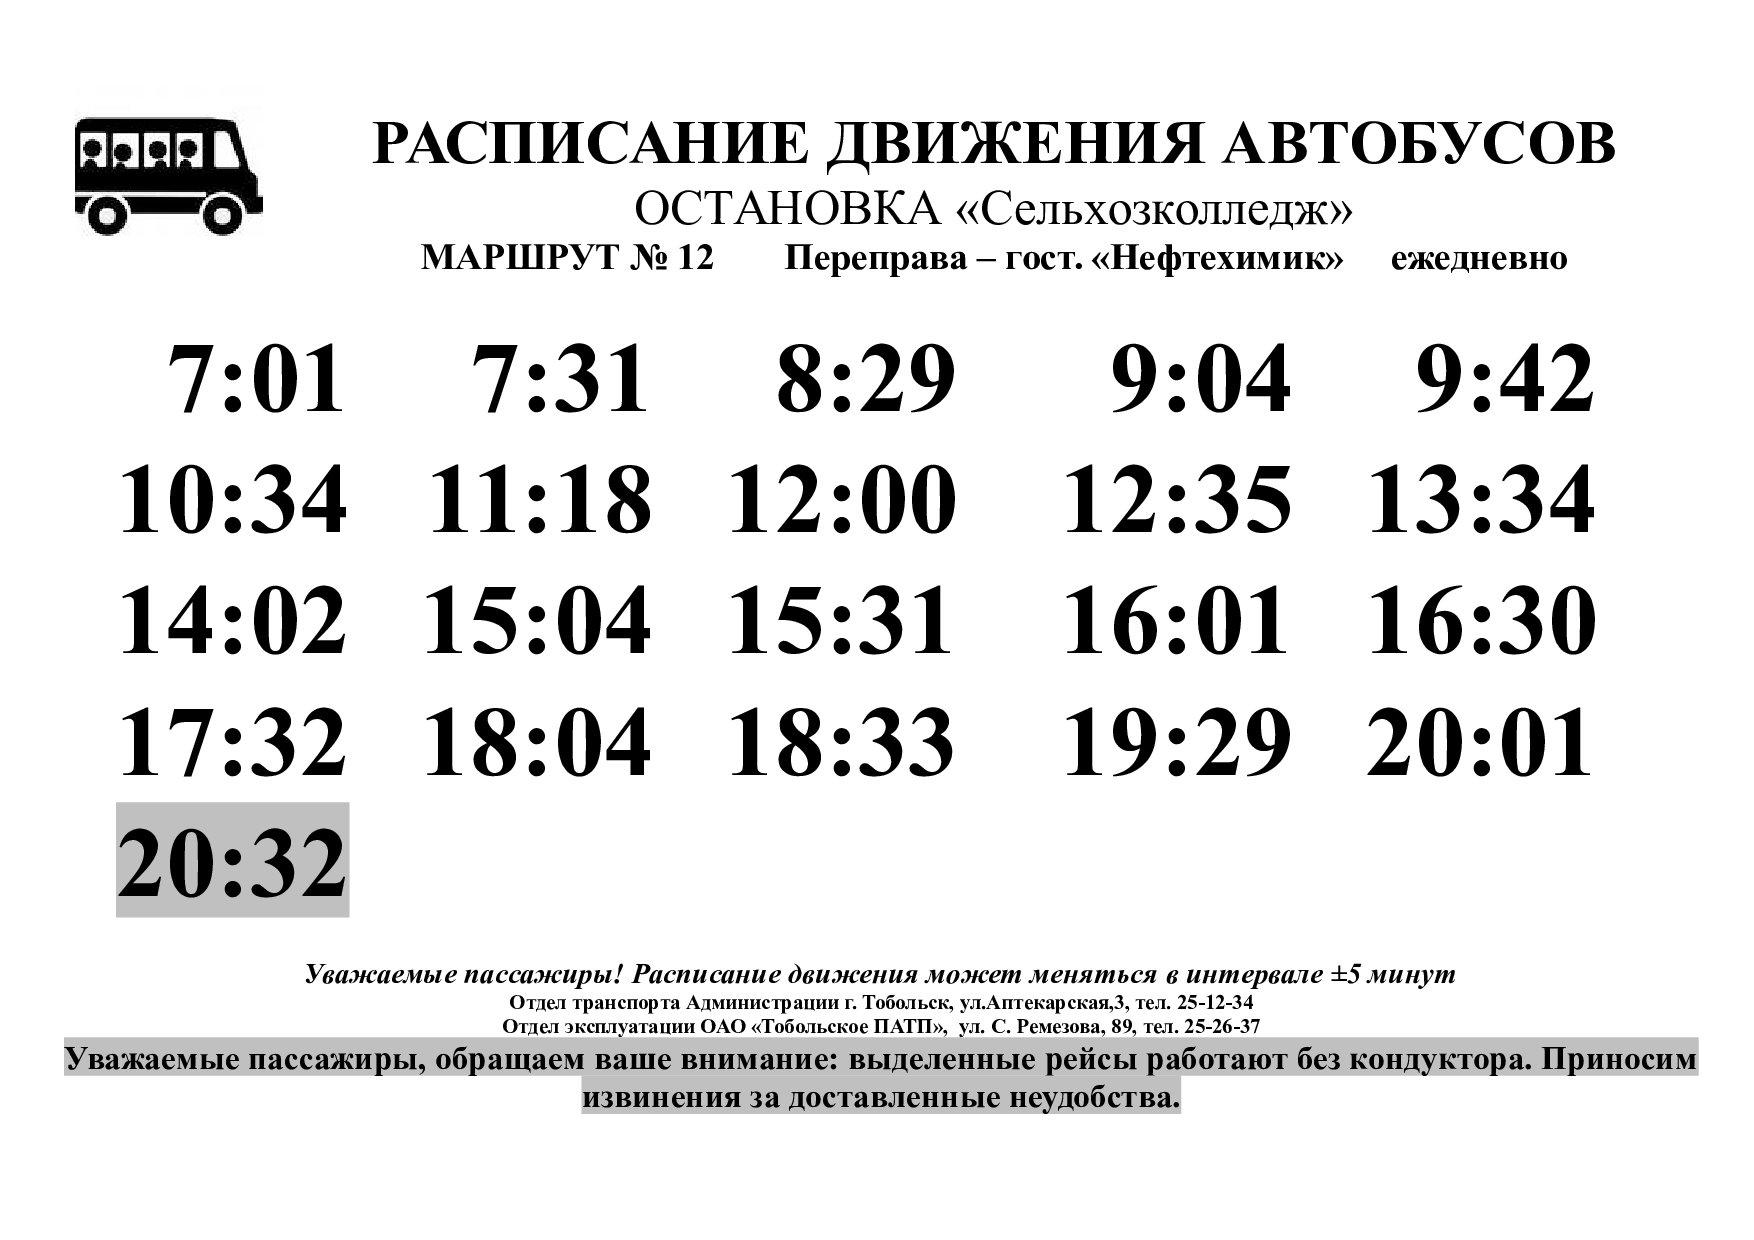 можете оставить расписание автобусов муром 8 маршрут итальянскую